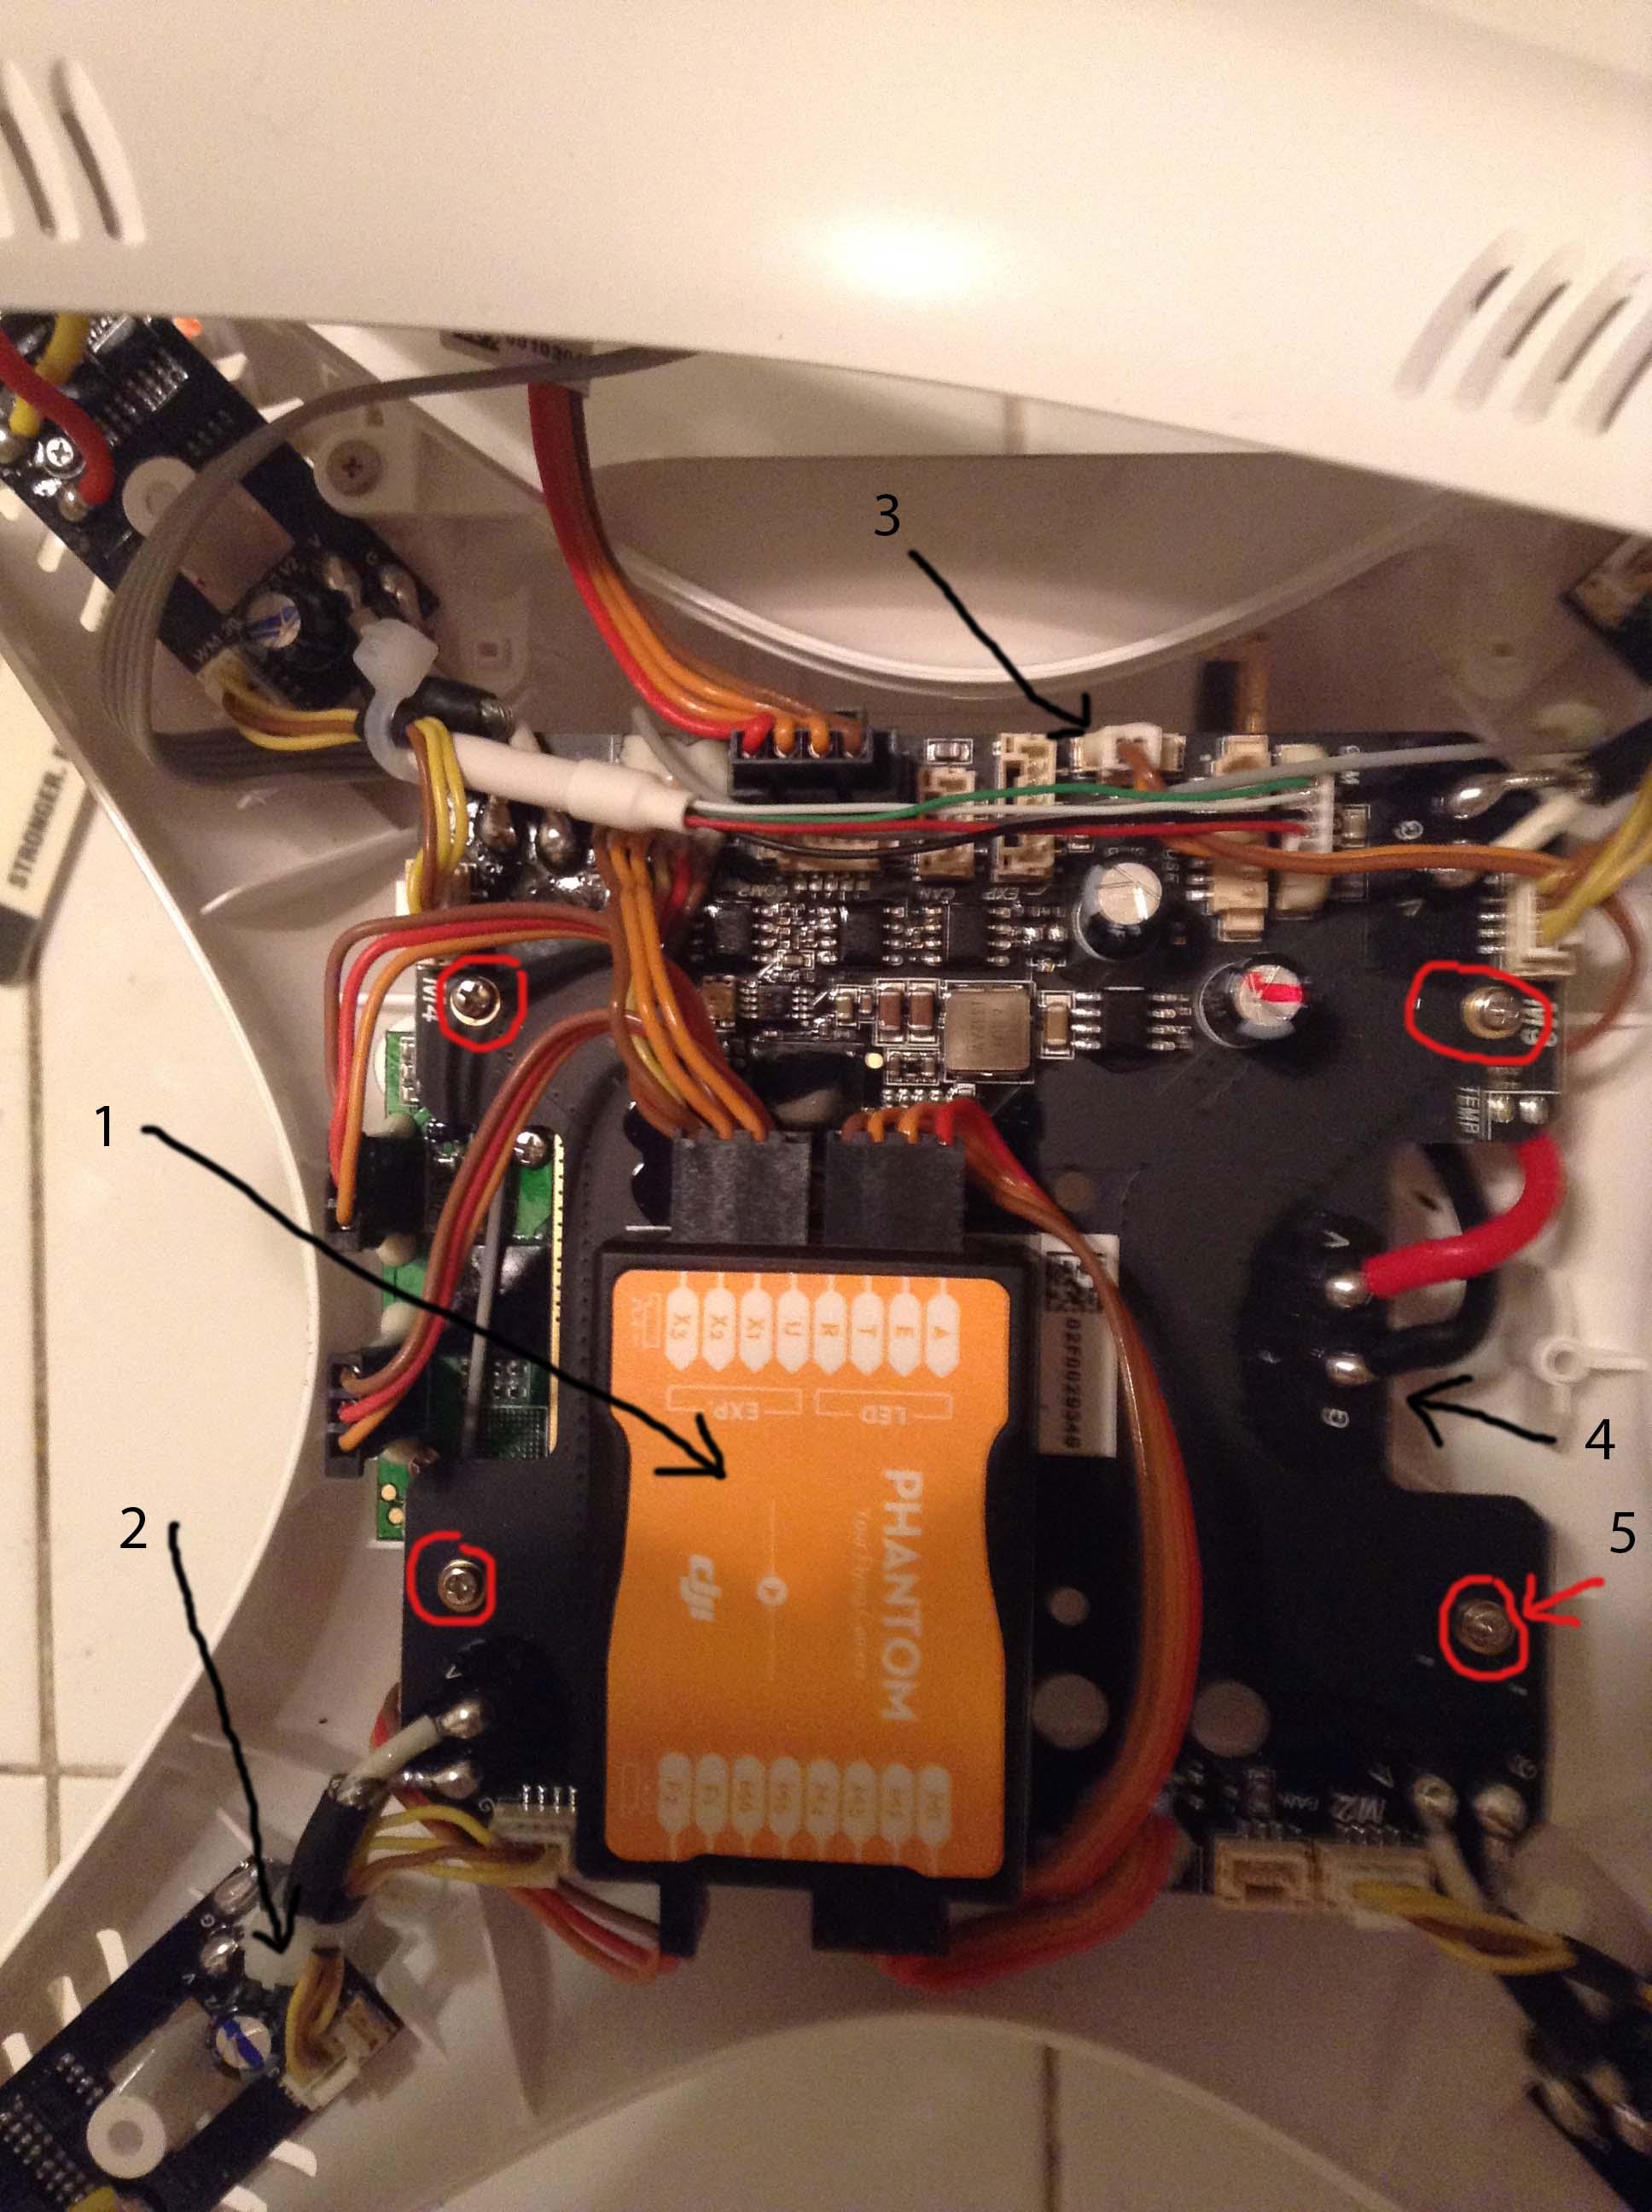 hight resolution of 2 dji phantom wiring diagram